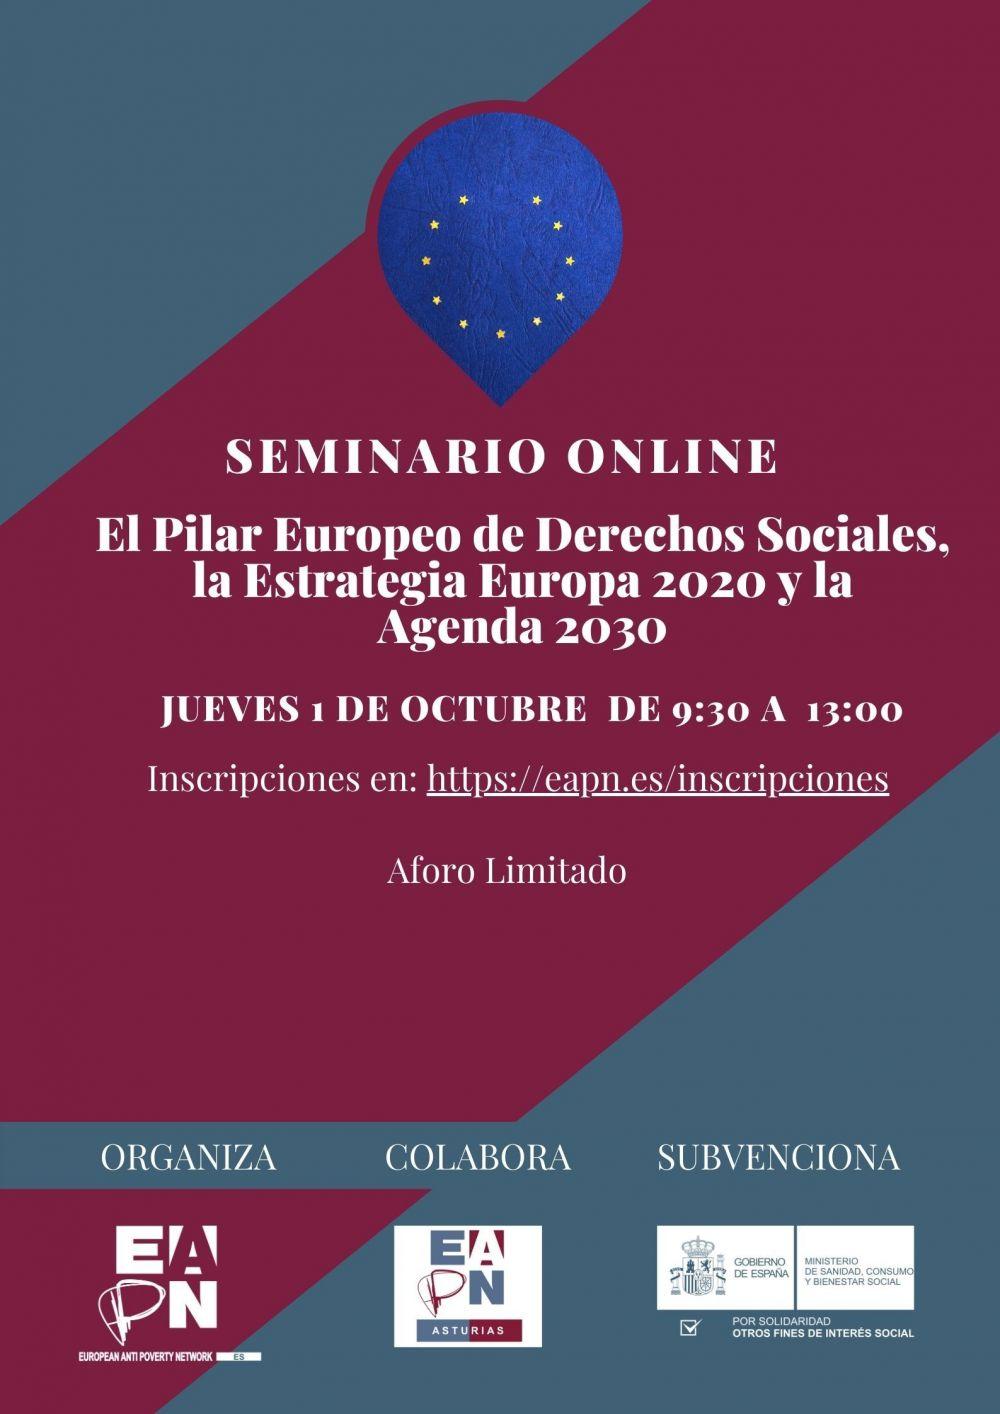 """01/10/2020_Seminario: """"El Pilar Europeo de Derechos Sociales, la Estrategia Europa 2020 y la Agenda 2030"""""""